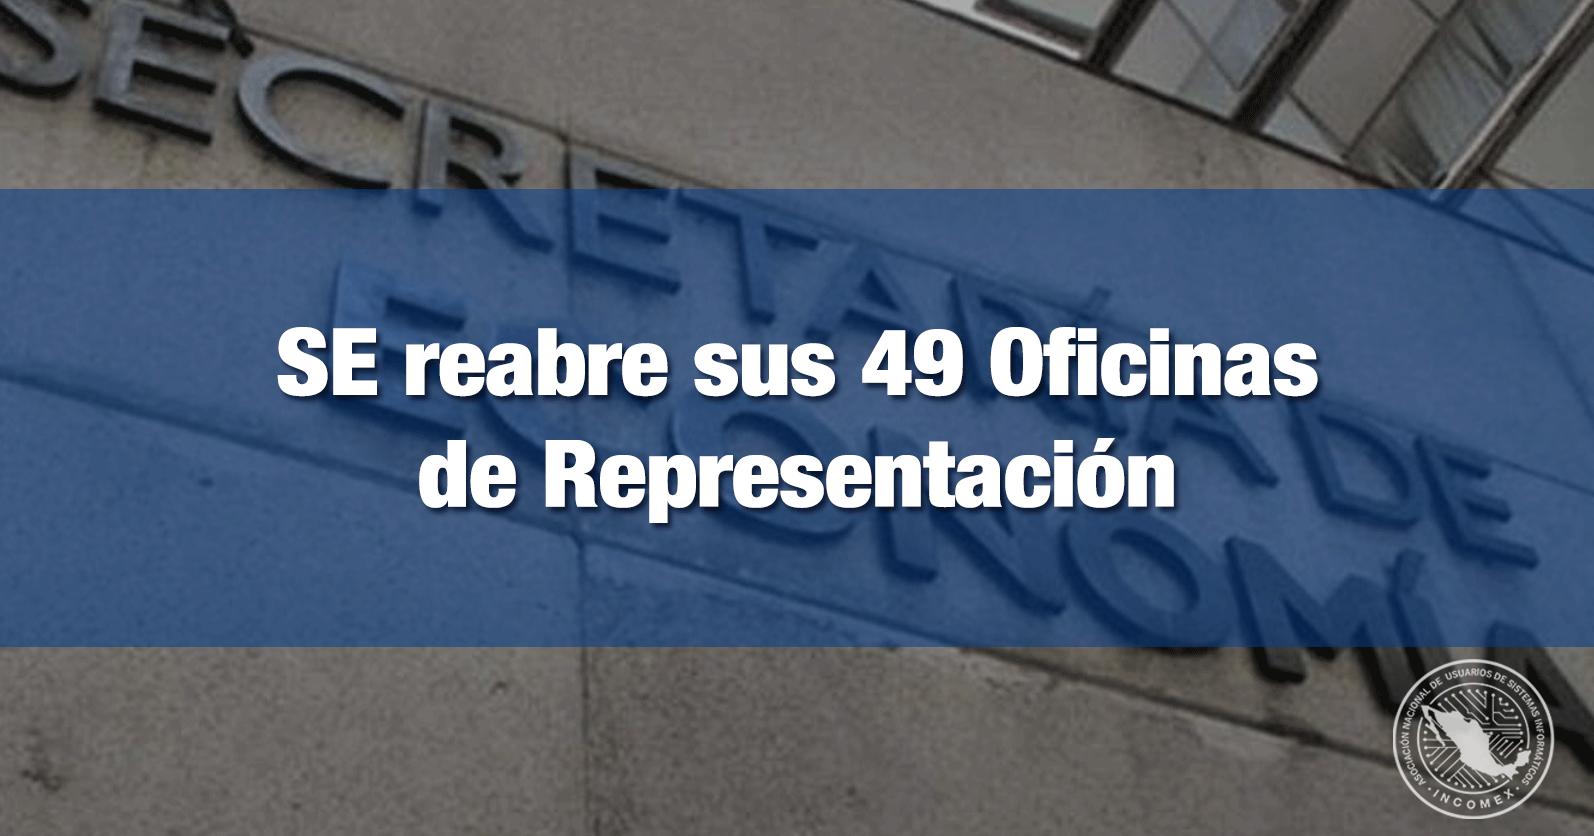 SE reabre sus 49 Oficinas de Representación